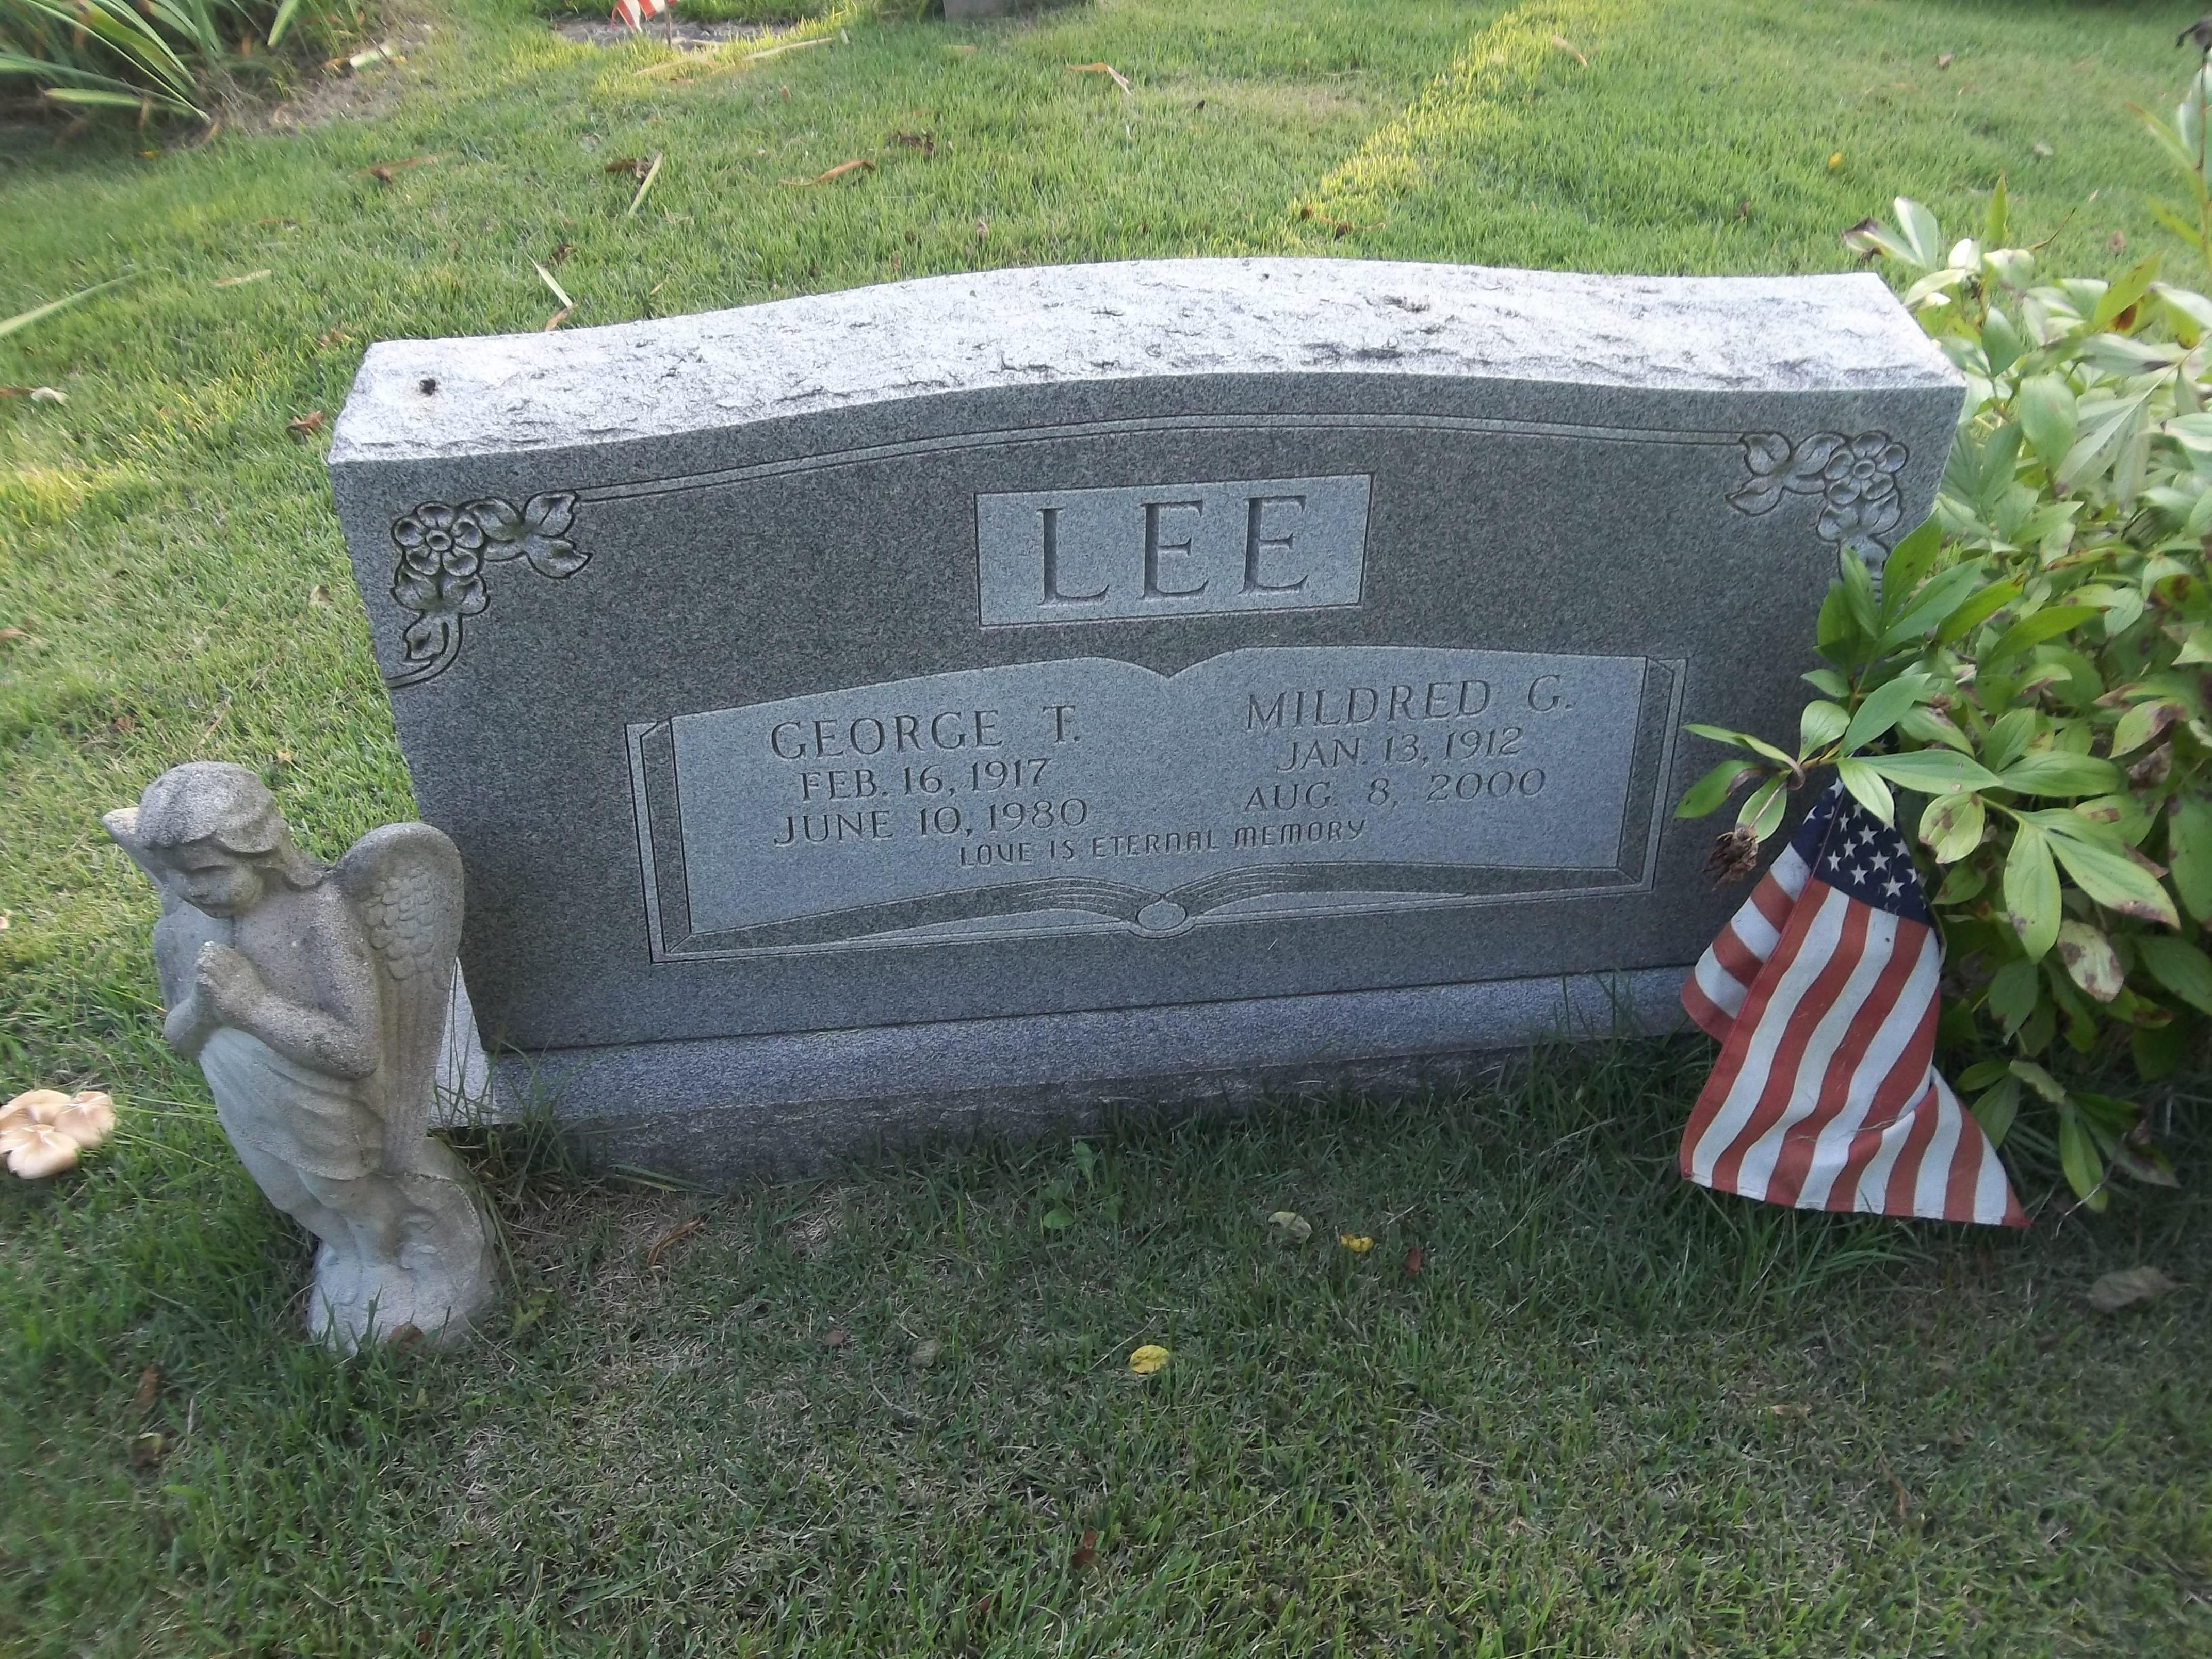 George T. Lee